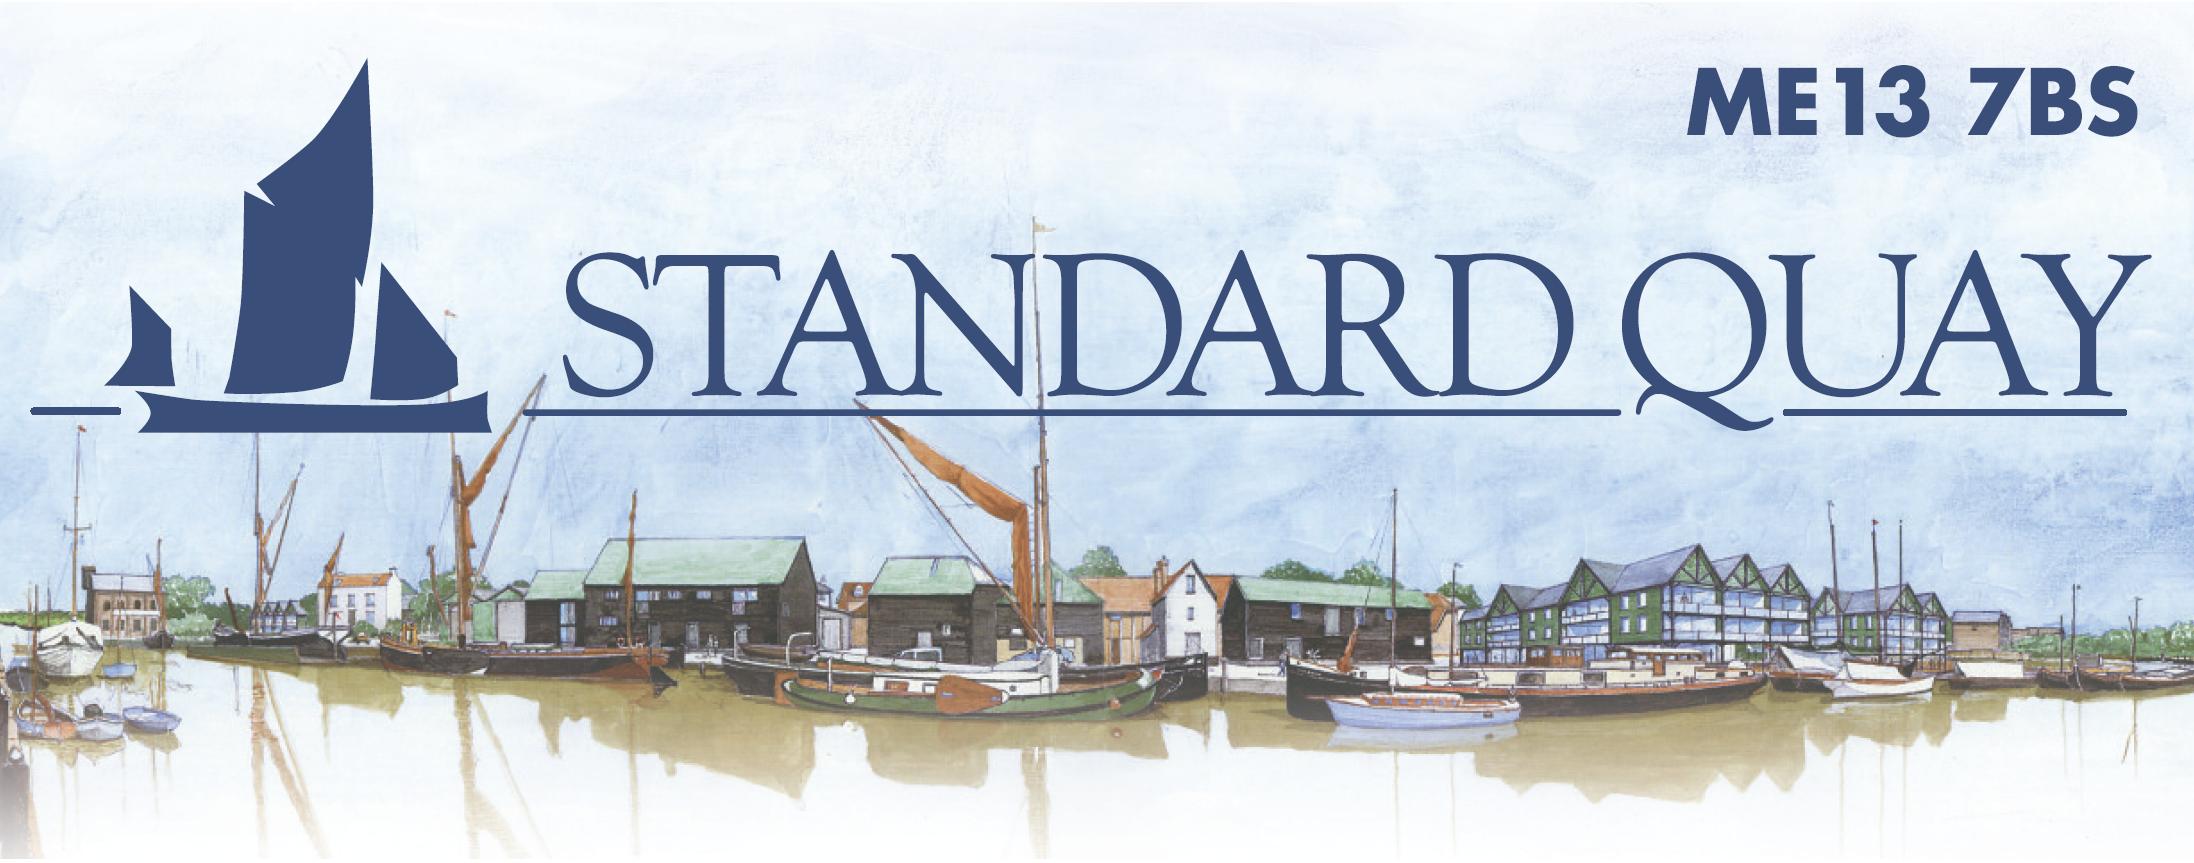 standardquay